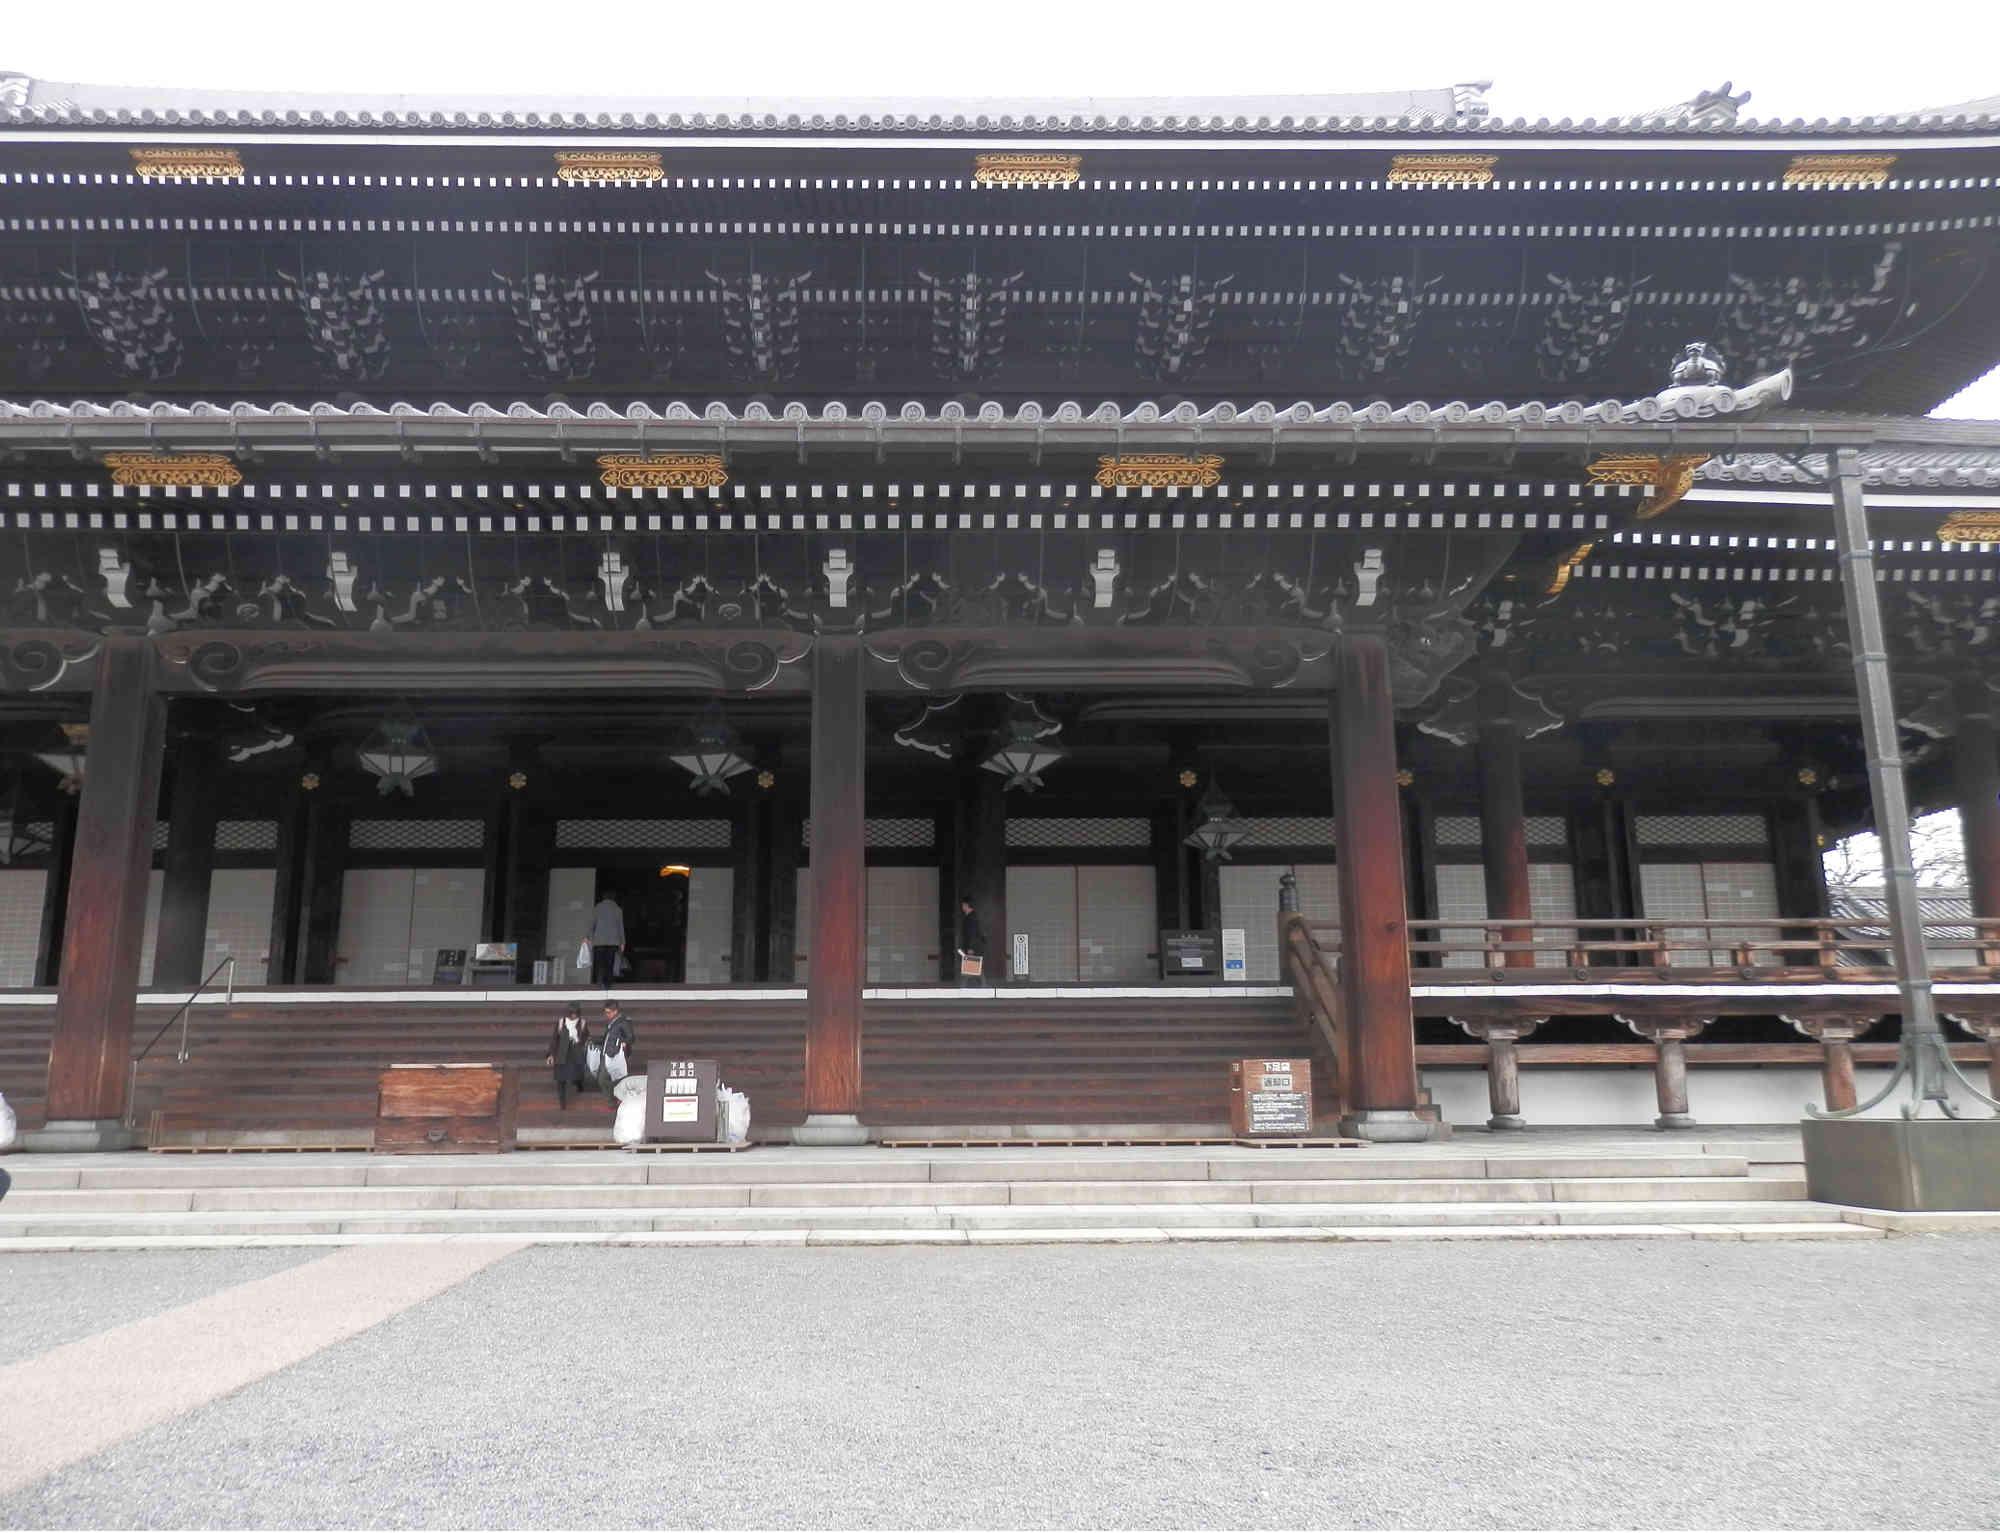 東本願寺 正面